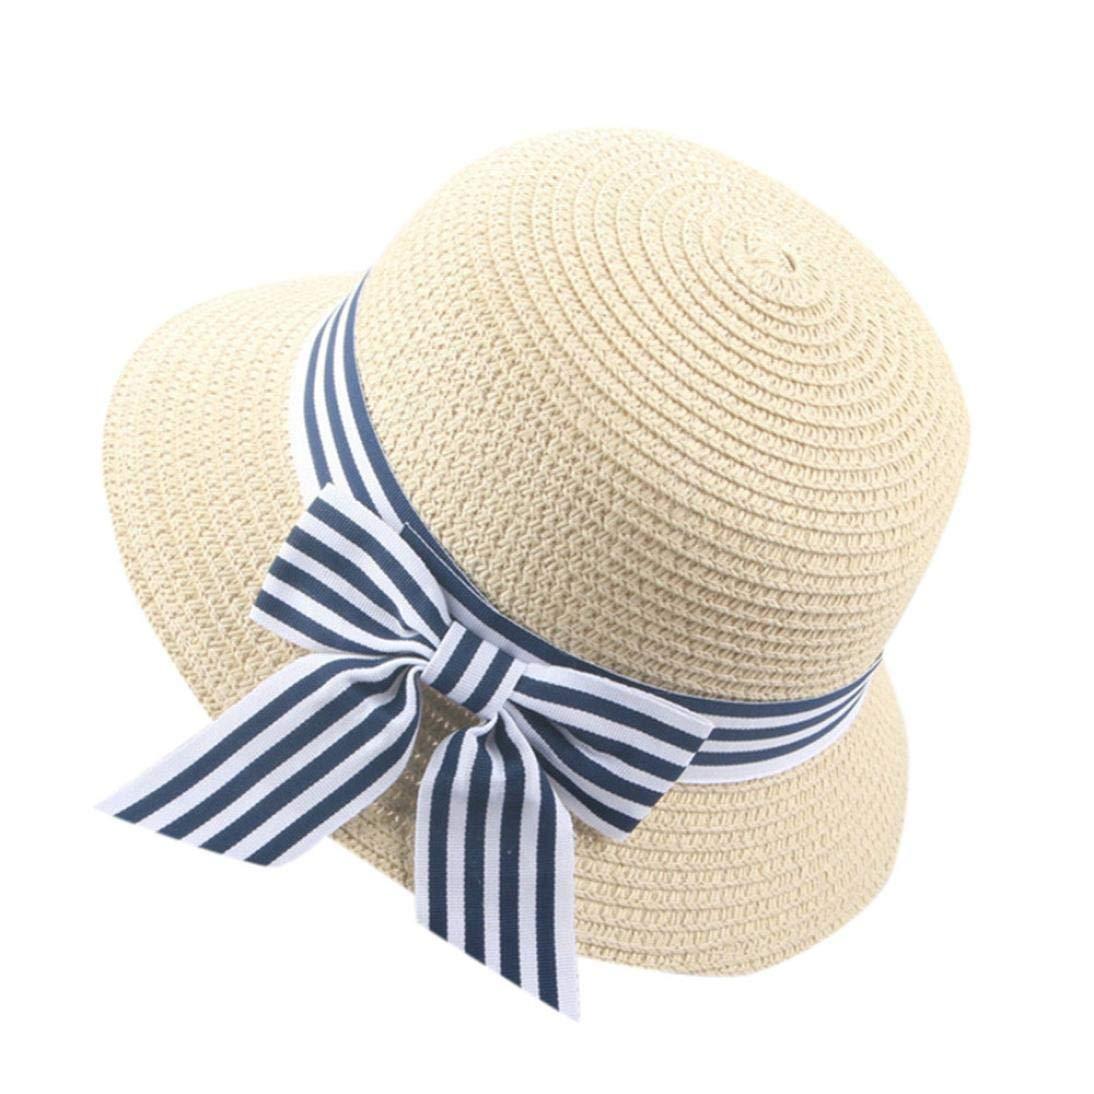 Verano Sombrero de Color Puro para Fiesta Ceremonia Bebé Gorras con Bowknot  Niñas Niños Sombrero del 5eb91225df1